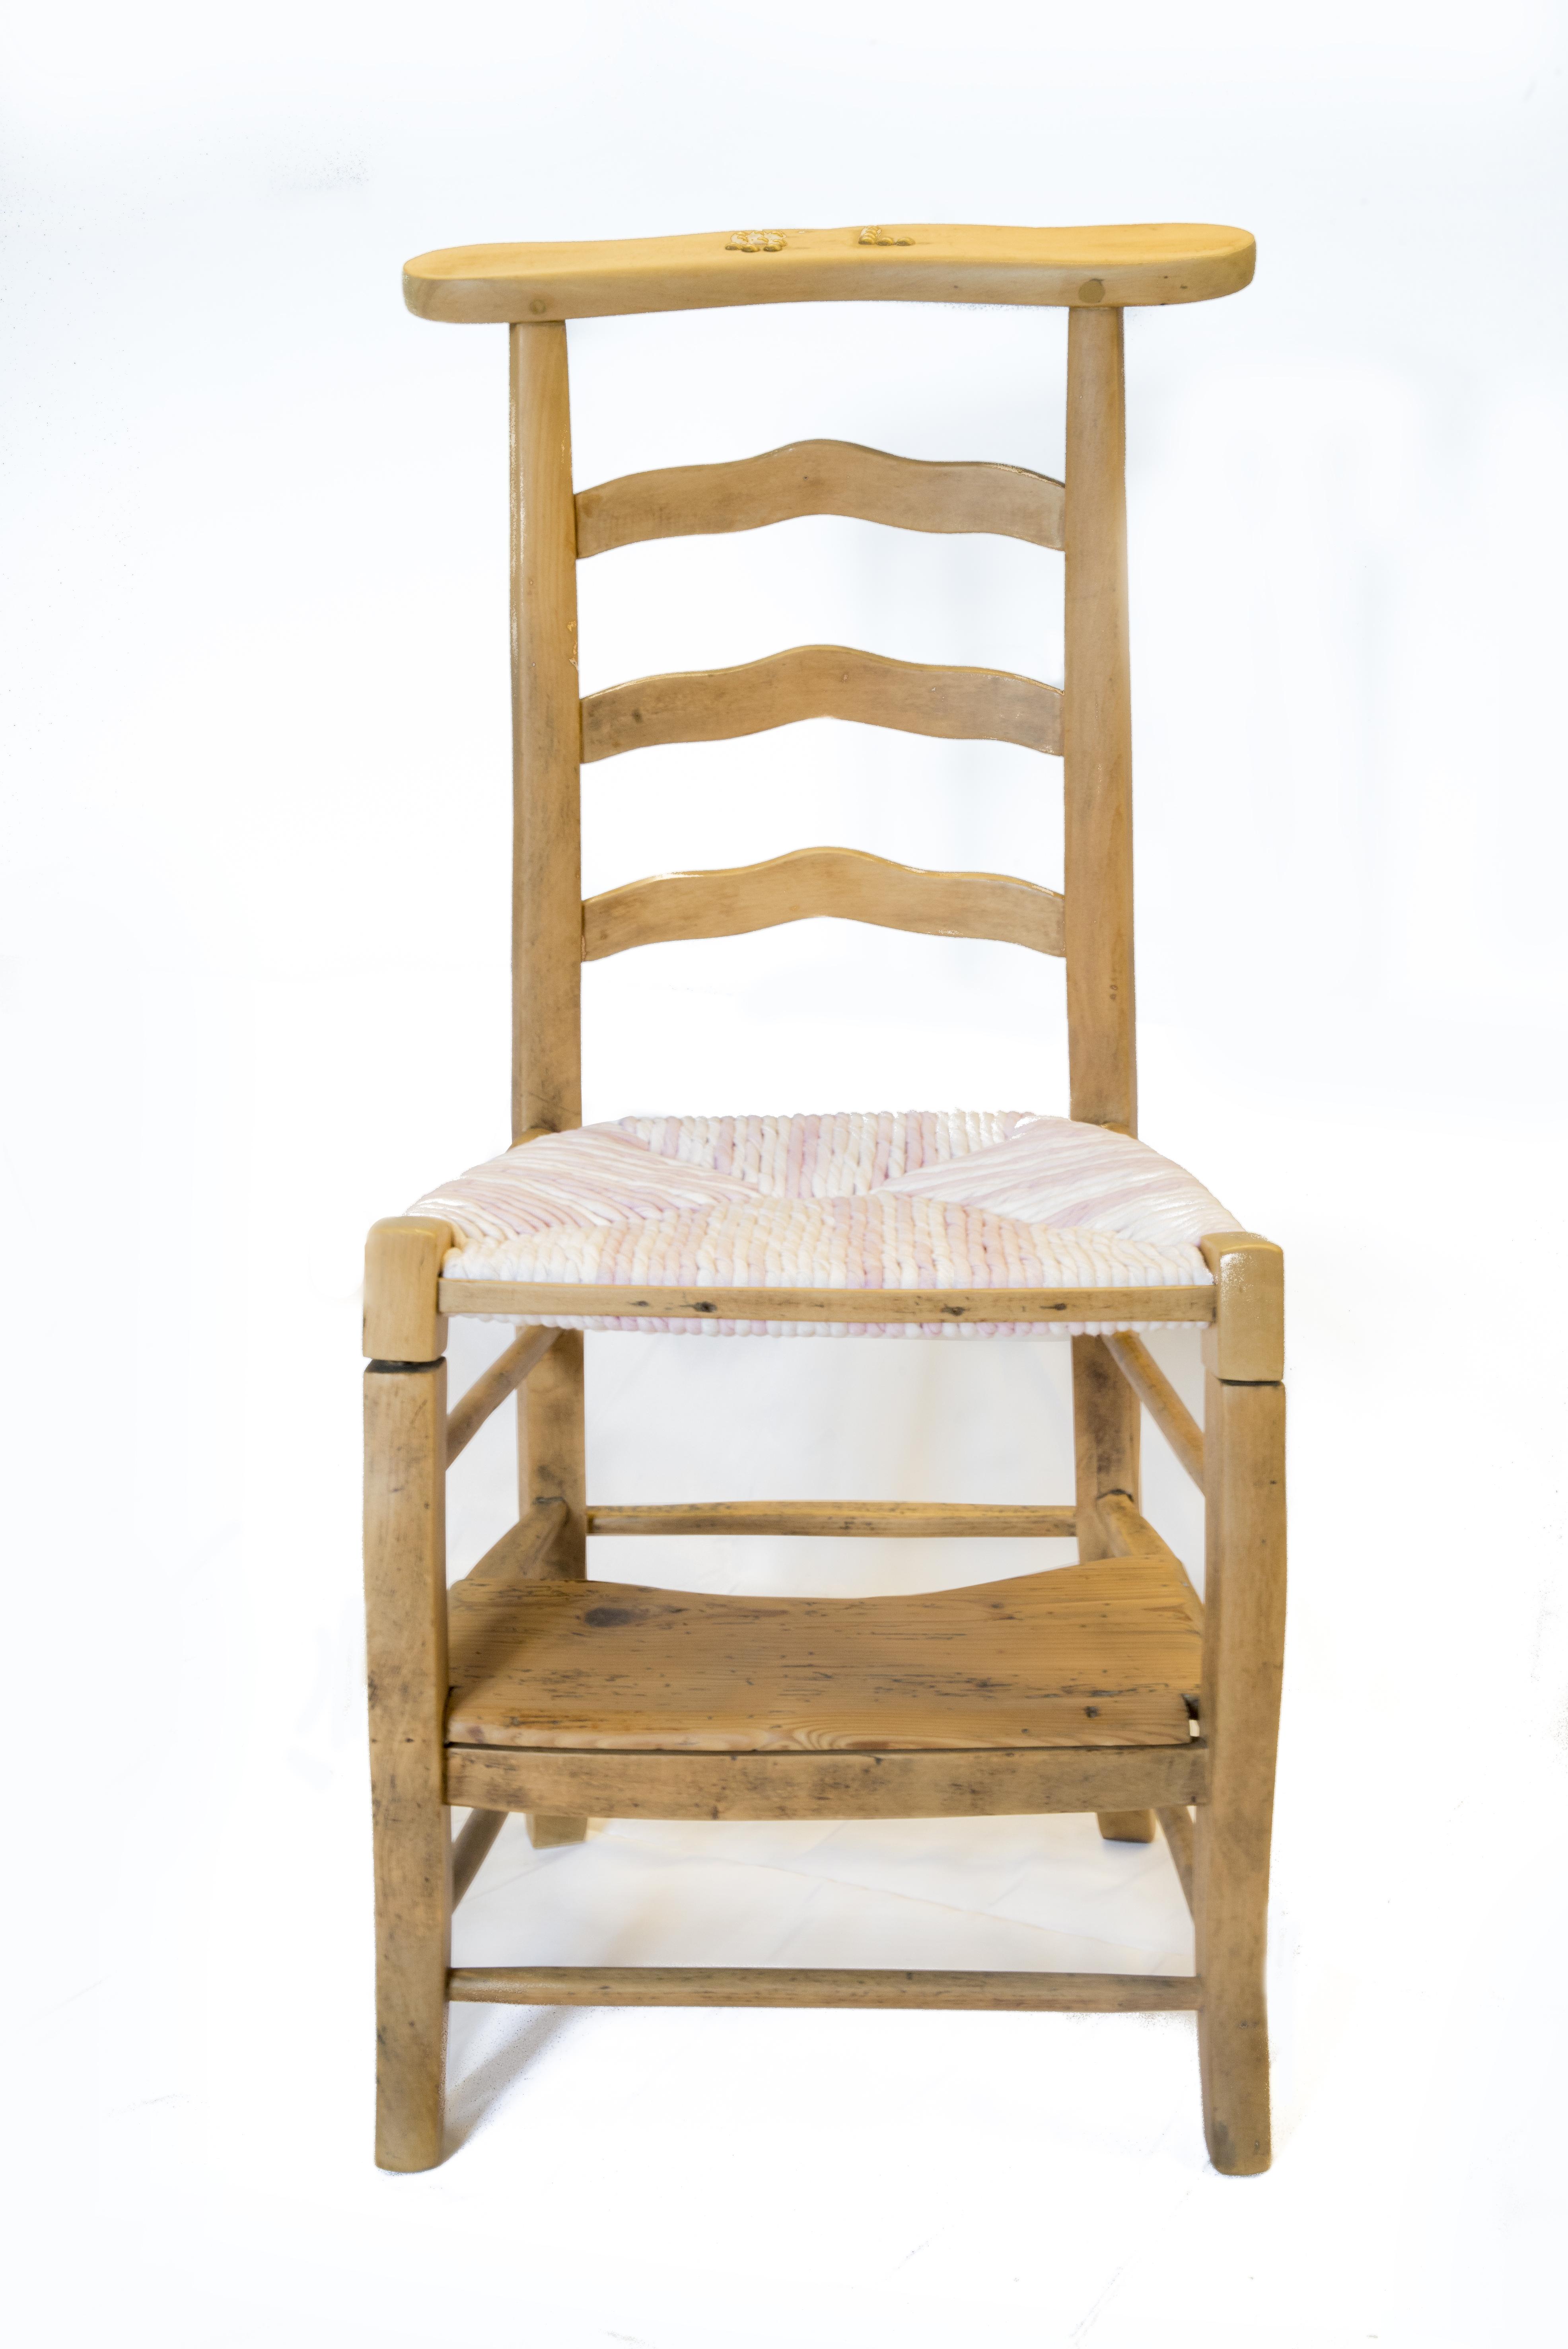 wood is folies prie dieu madame restaration relooking rempaillage ent torons de tissus blanc rose bois massif finition mat vue de face canteleu rouen normandie